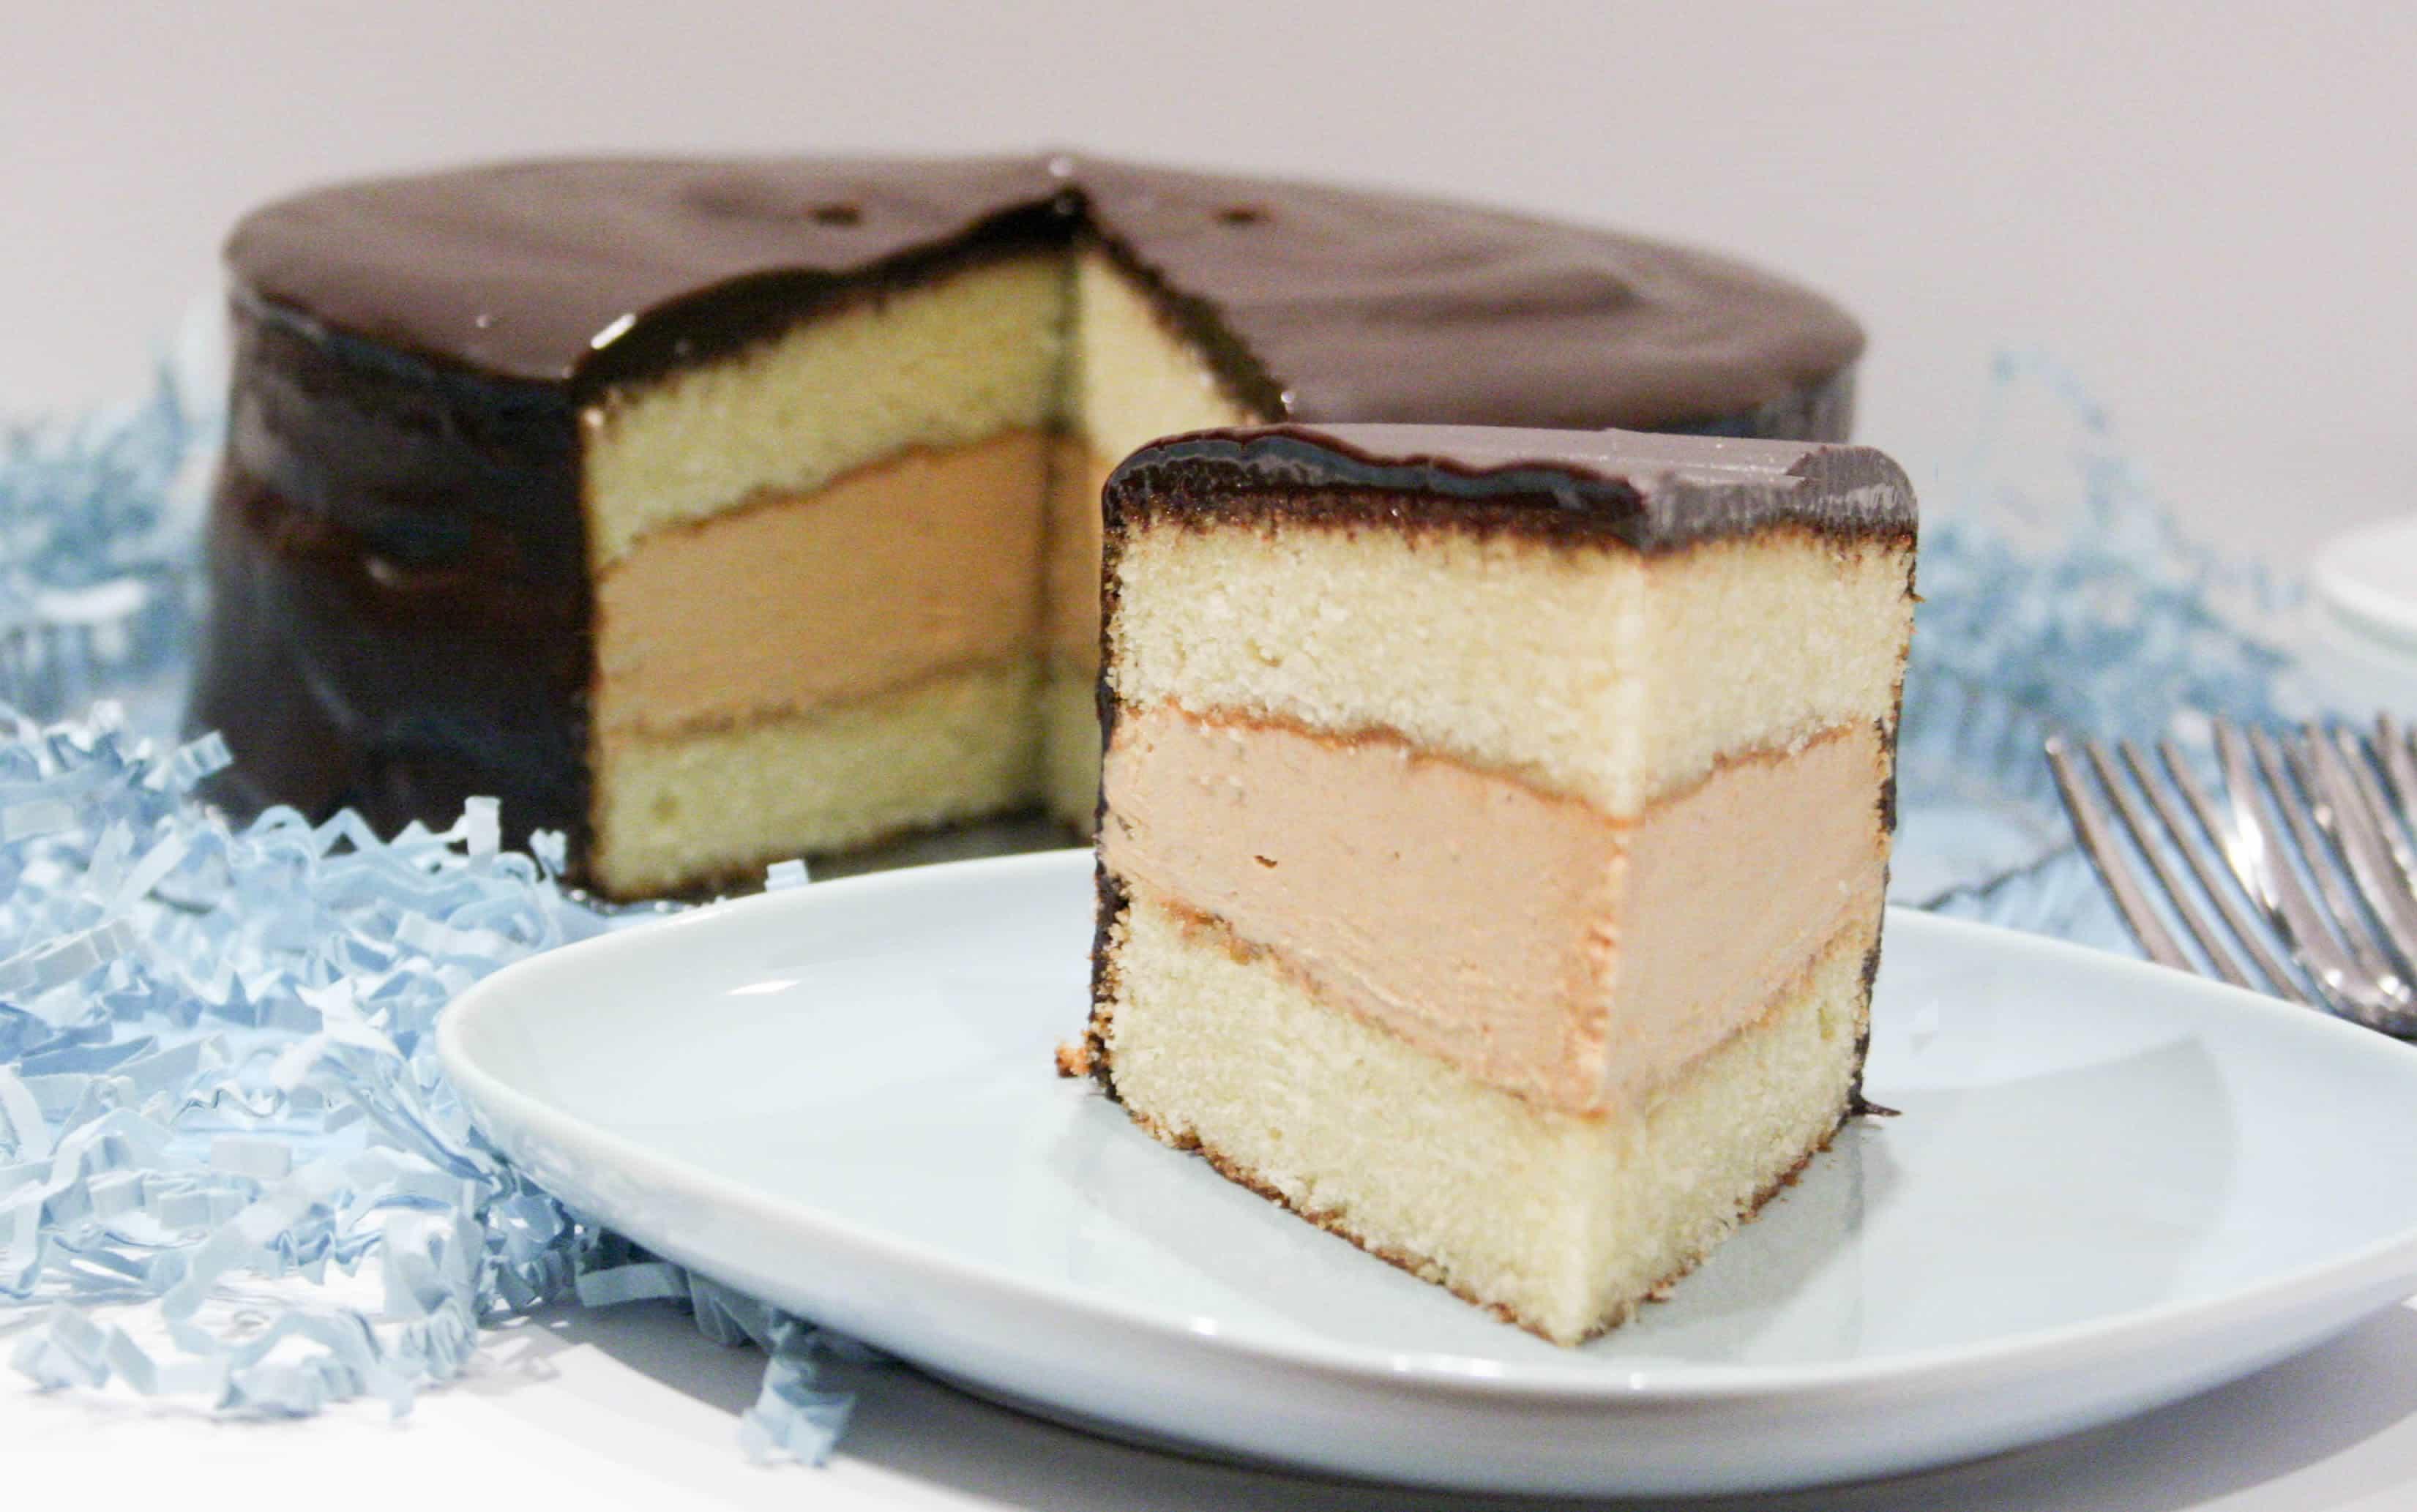 tandy-cake-w-slice-01